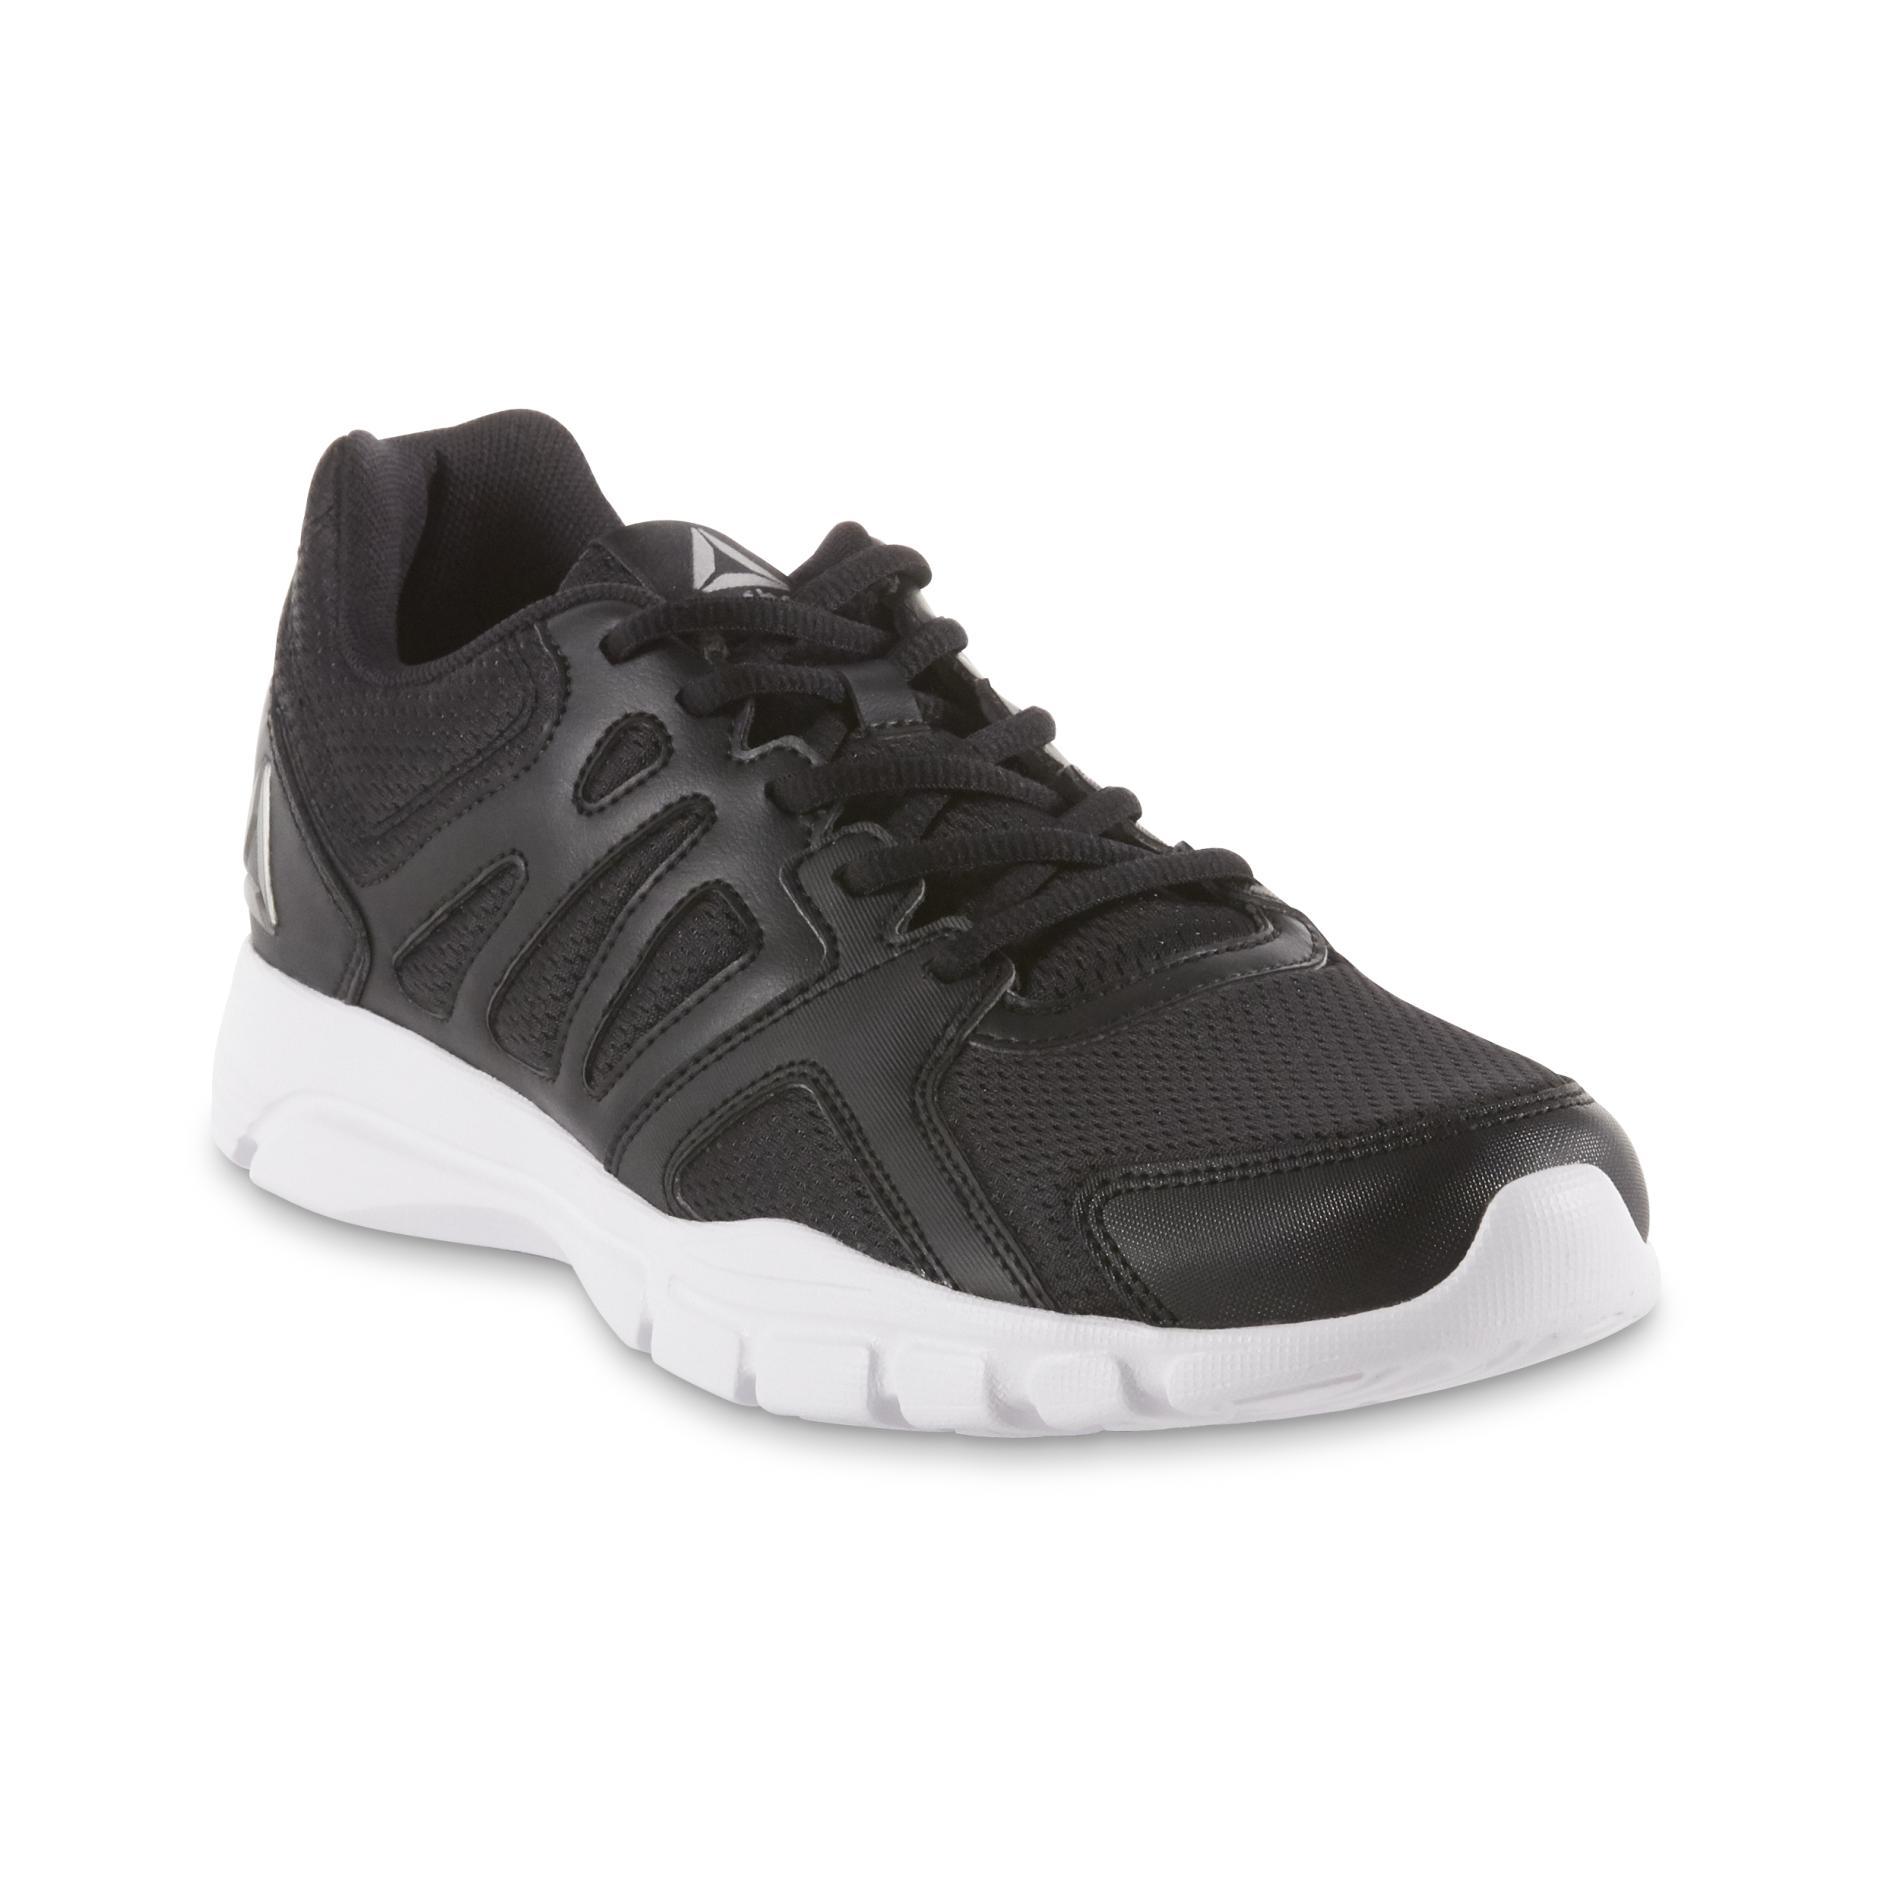 Reebok Men's Trainfusion Nine 3.0 Black Athletic Shoe PartNumber: A013032284 MfgPartNumber: BS9984